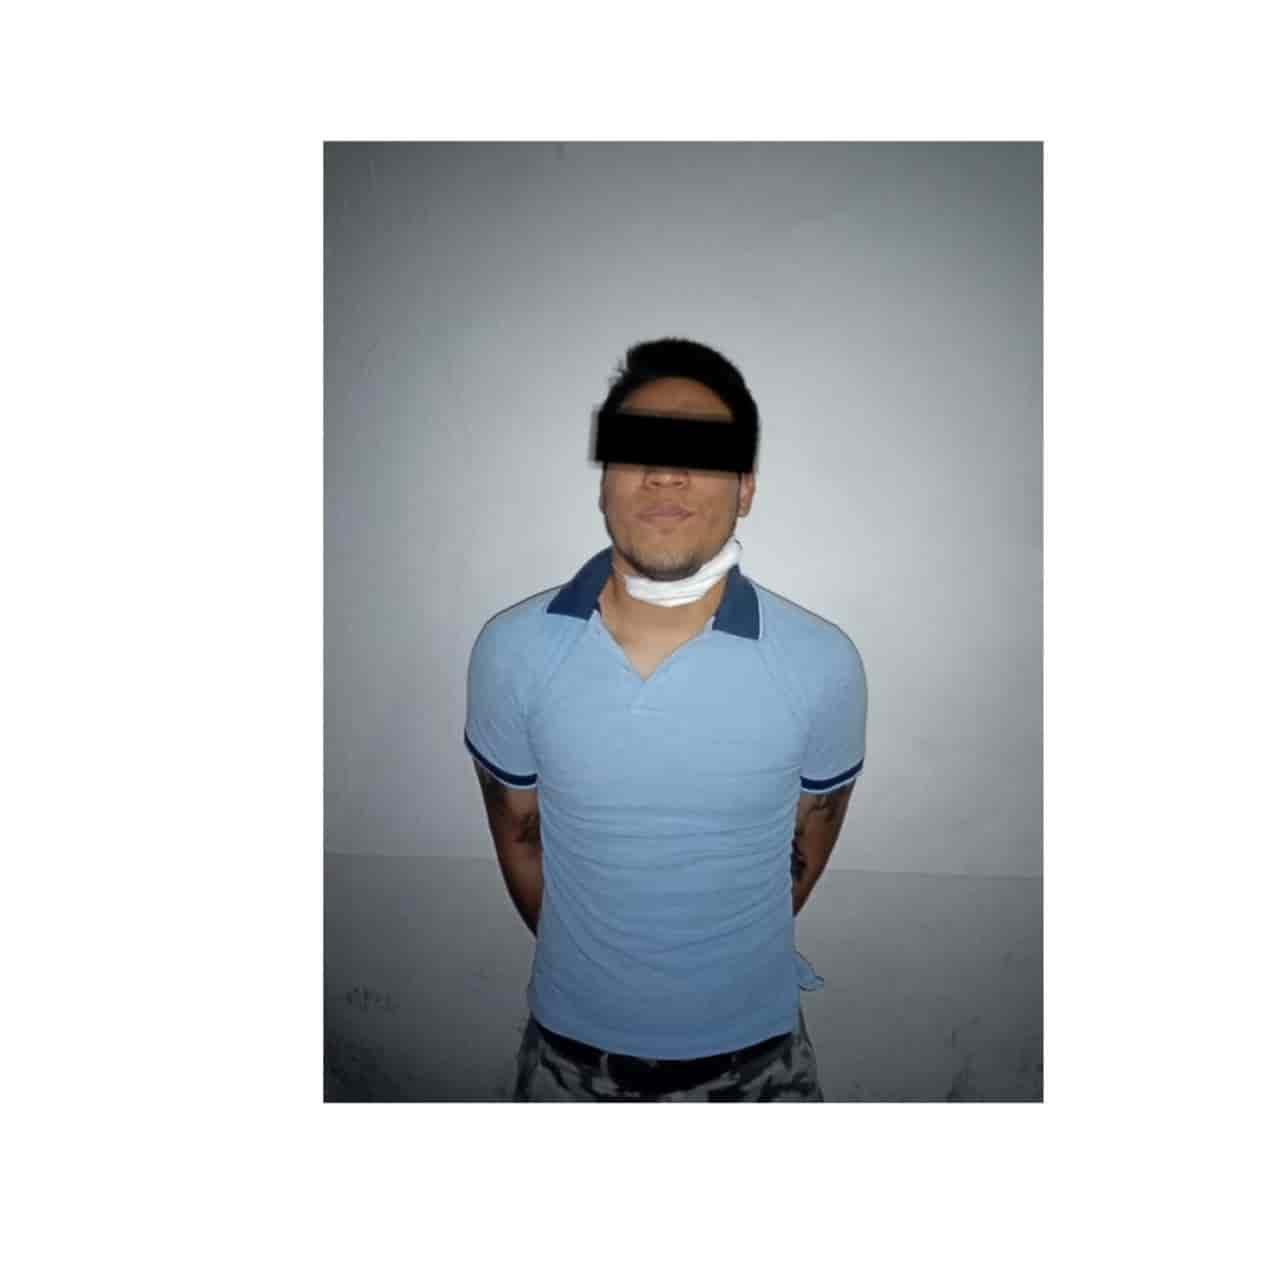 Después de agredir a su esposa y madre, un joven fue arrestado